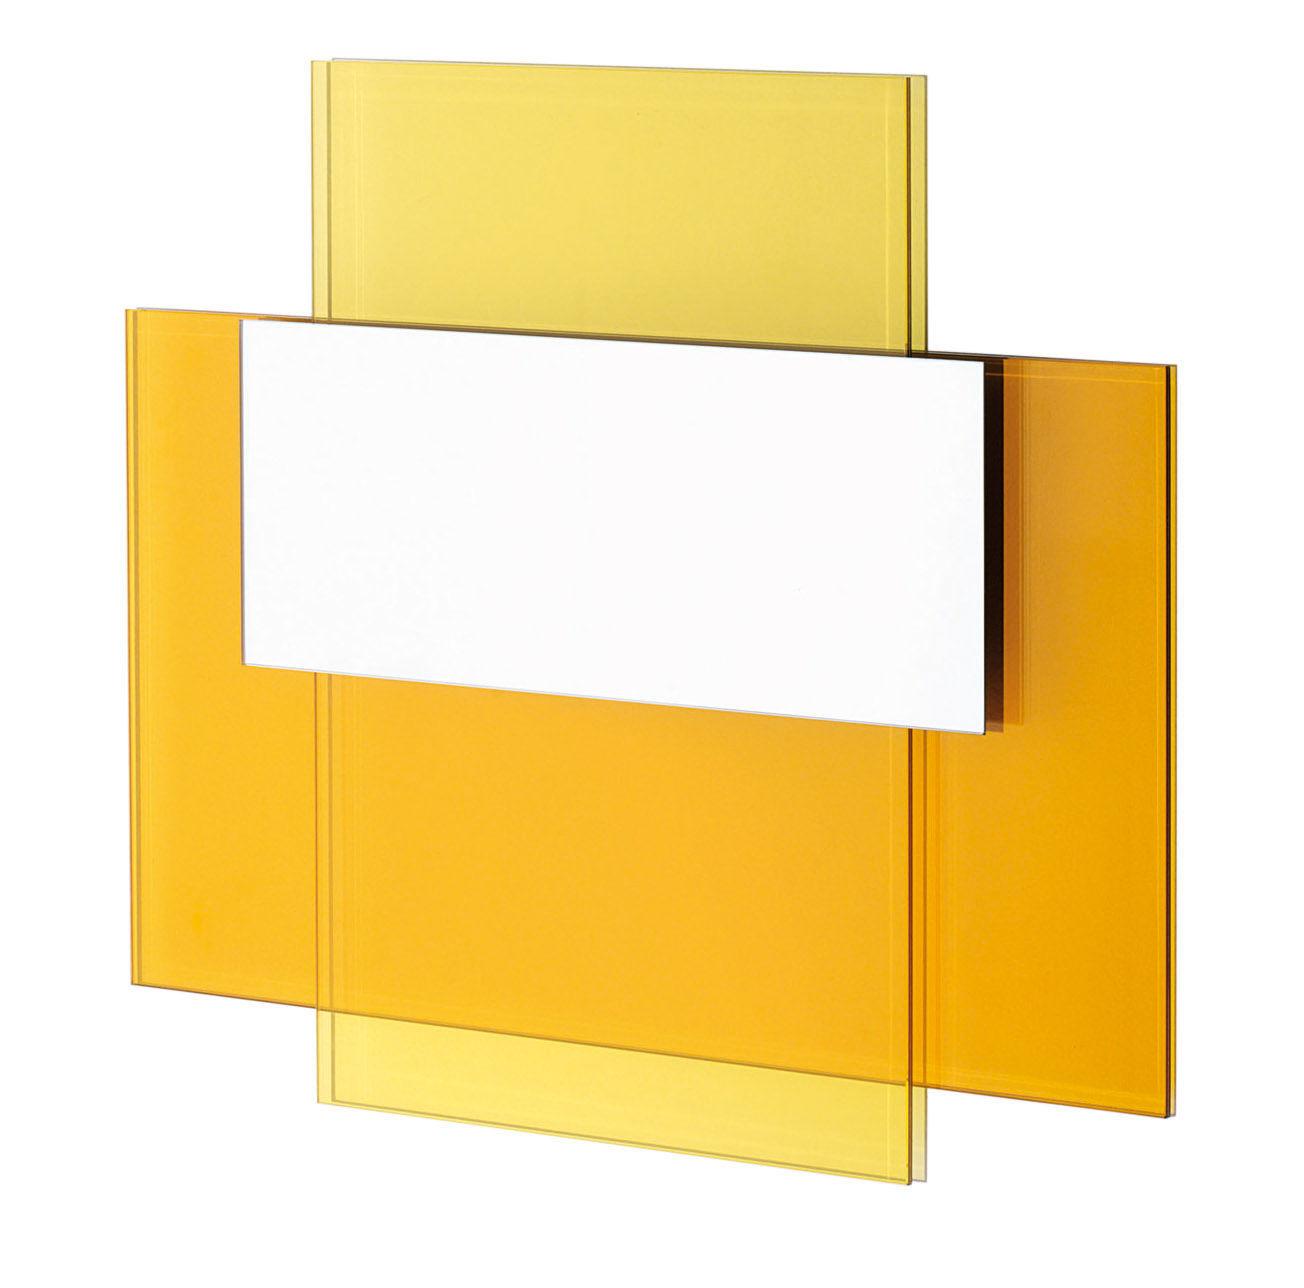 Miroir colour on colour l 70 x h 60 cm jaune orange for Miroir jaune